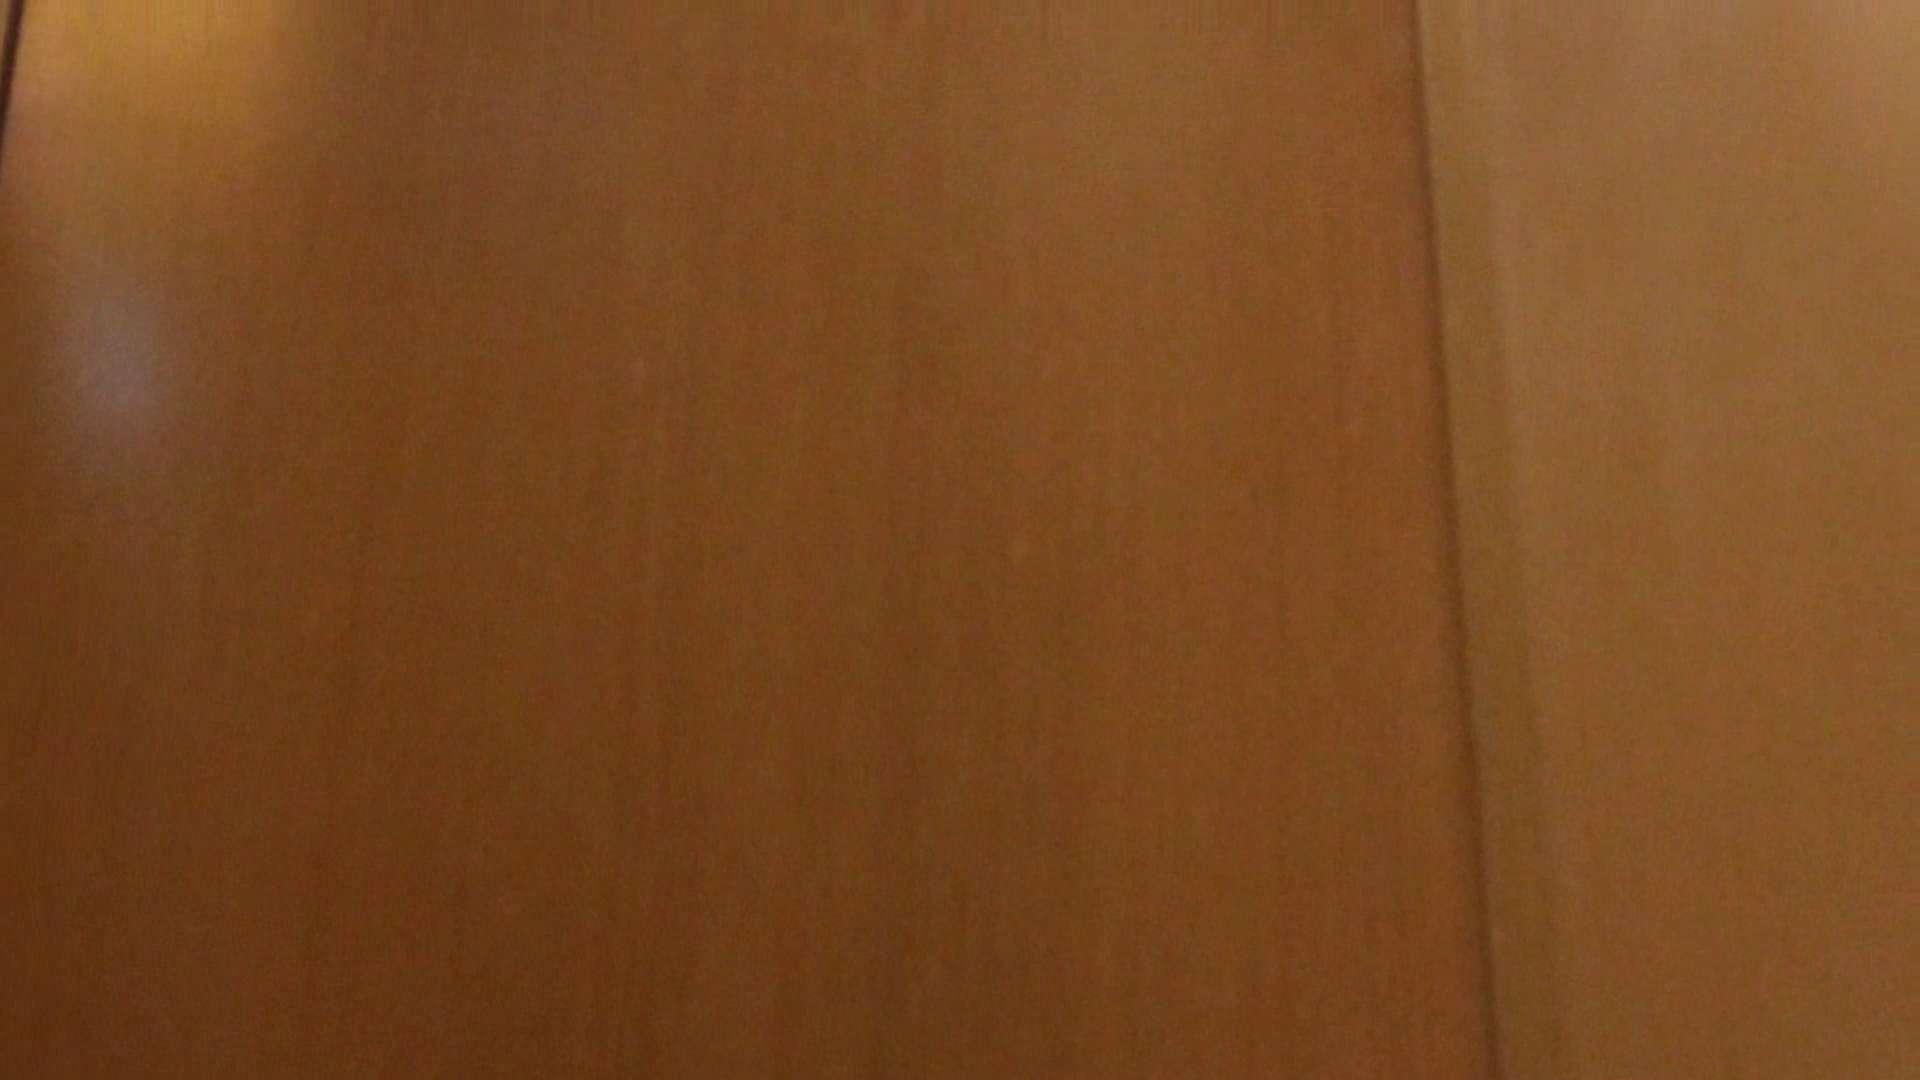 「噂」の国の厠観察日記2 Vol.02 人気シリーズ   OLのエロ生活  26連発 22